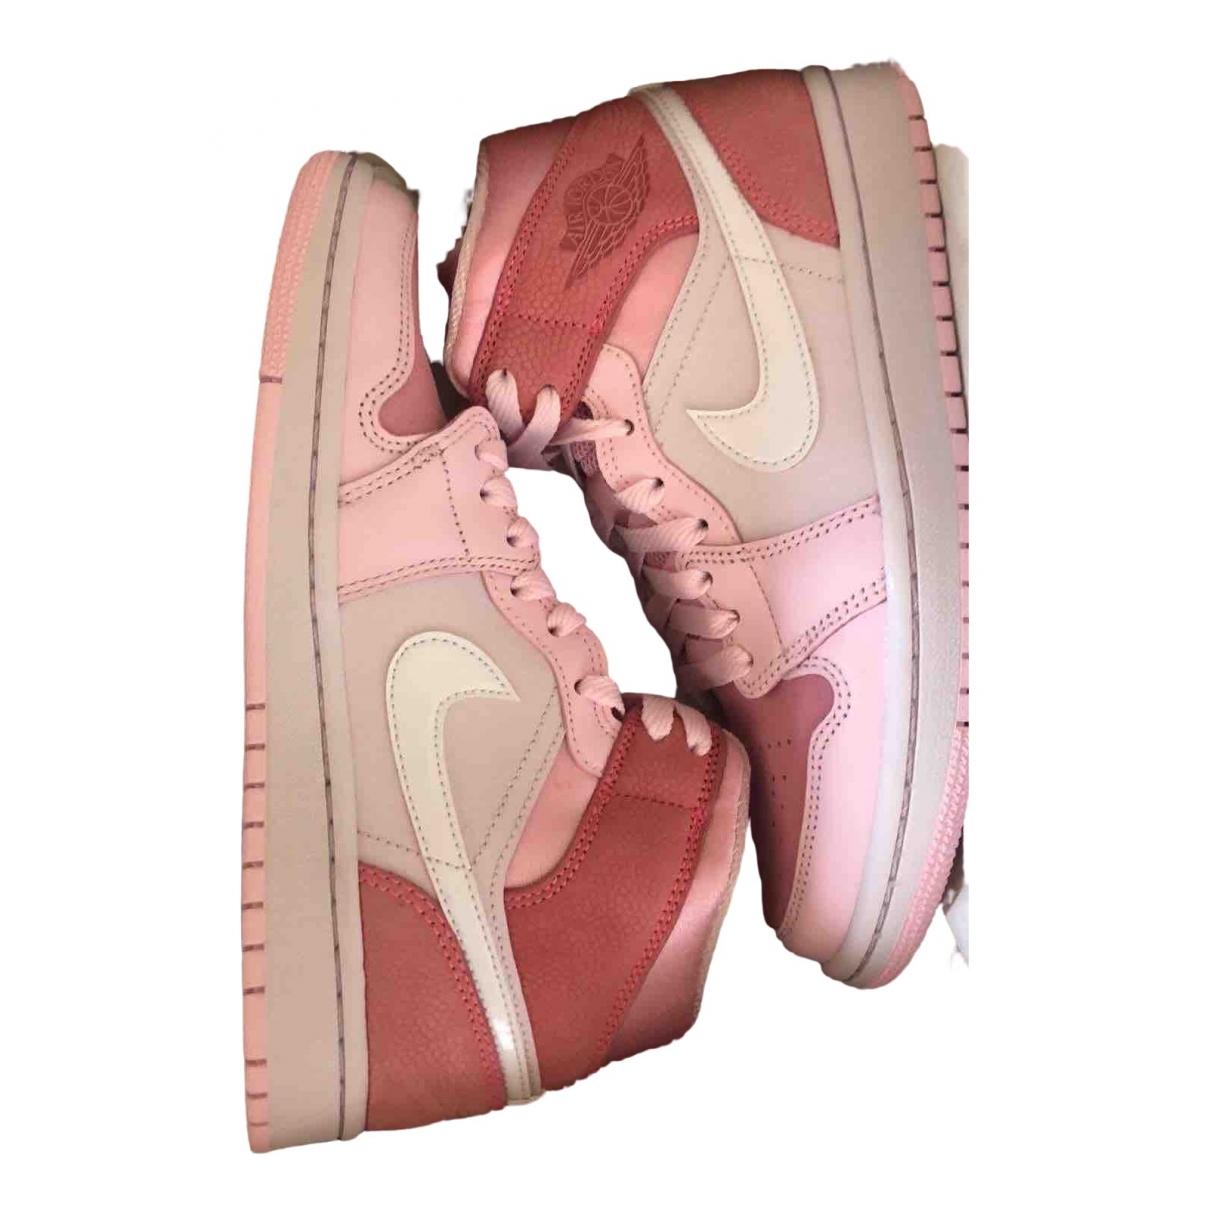 Jordan Air Jordan 1  Pink Suede Trainers for Women 38 EU